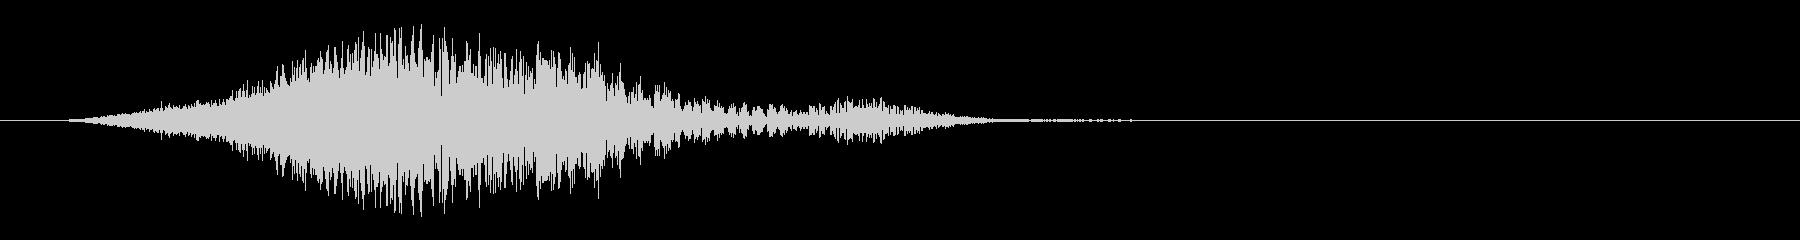 ヒューシュヘビーパワーダブルの未再生の波形